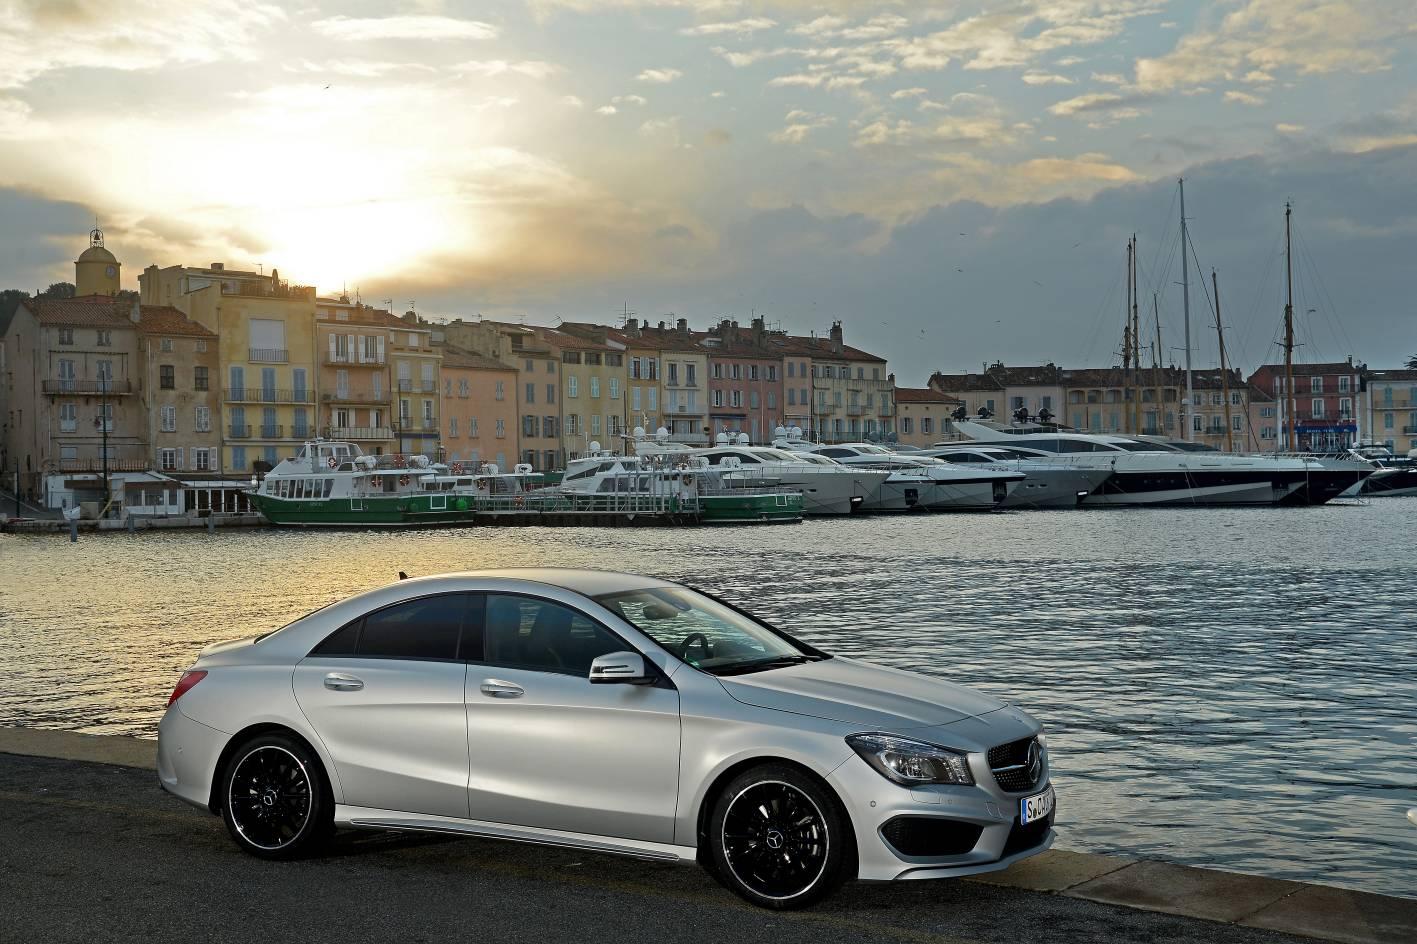 mercedes cars news cla 250 sport 4matic arriving july. Black Bedroom Furniture Sets. Home Design Ideas